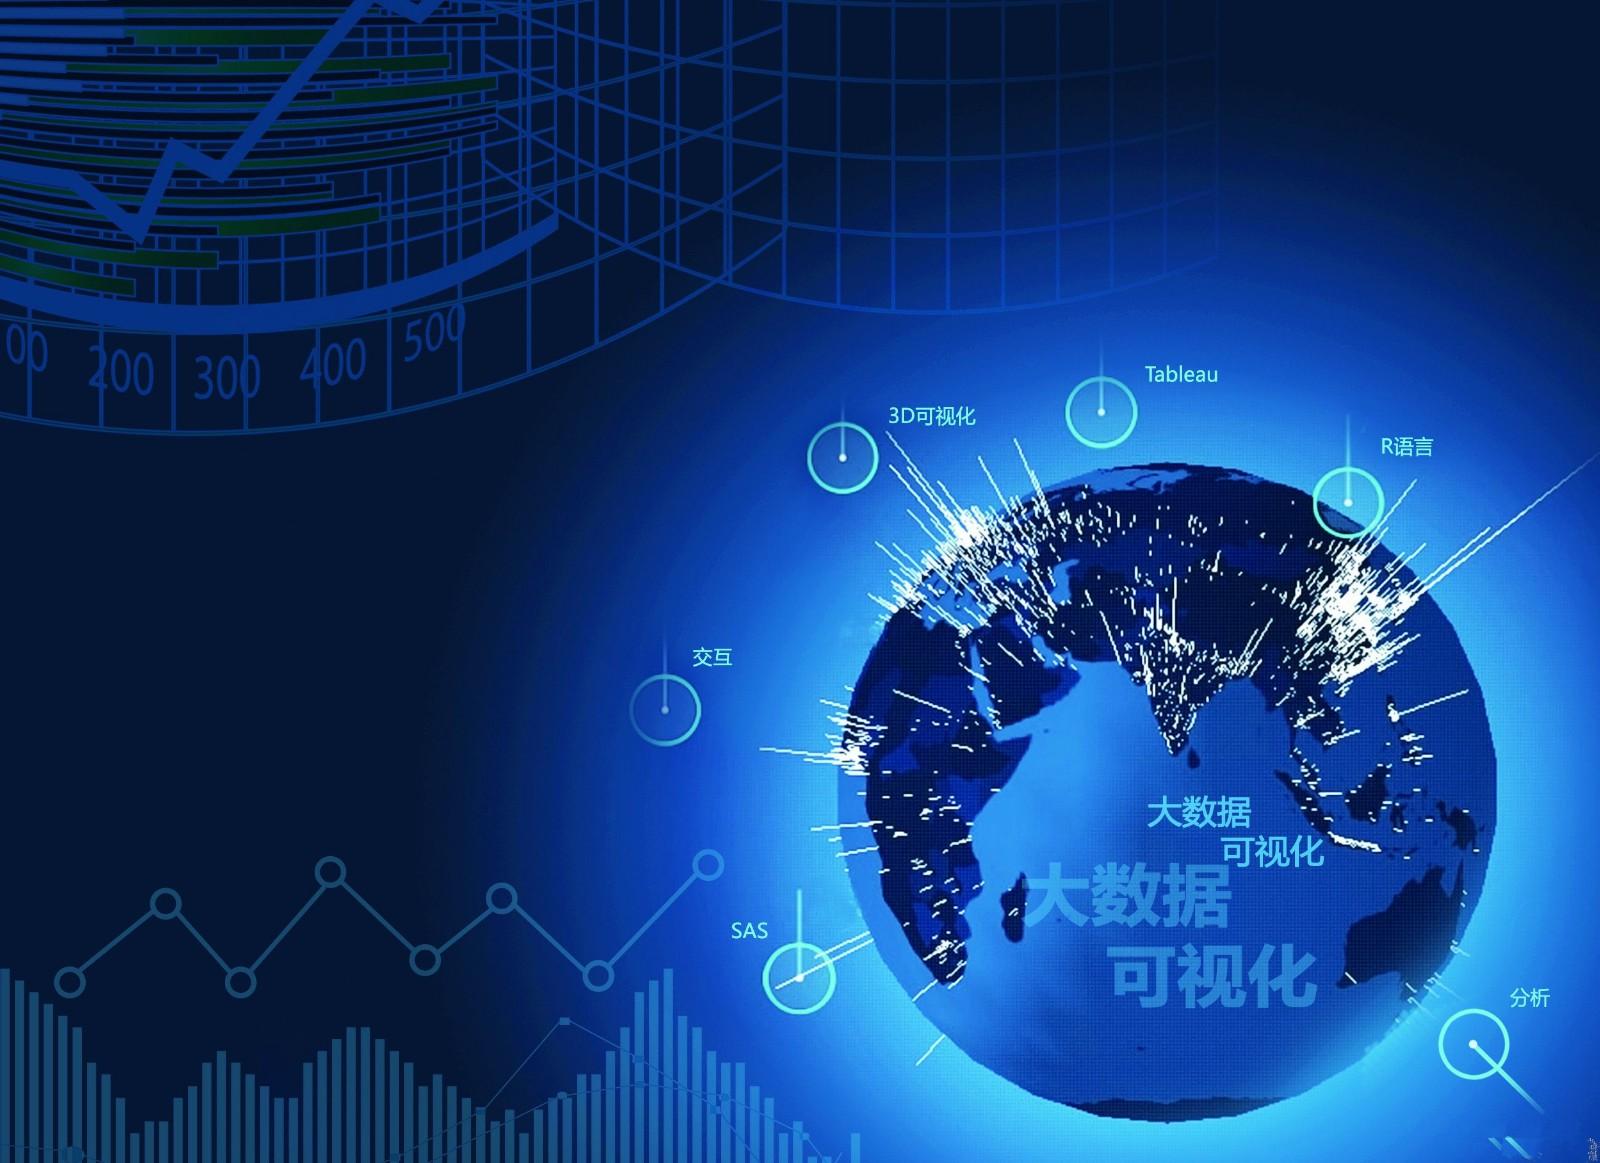 政务伟德国际 伟德官网共享交换解决方案